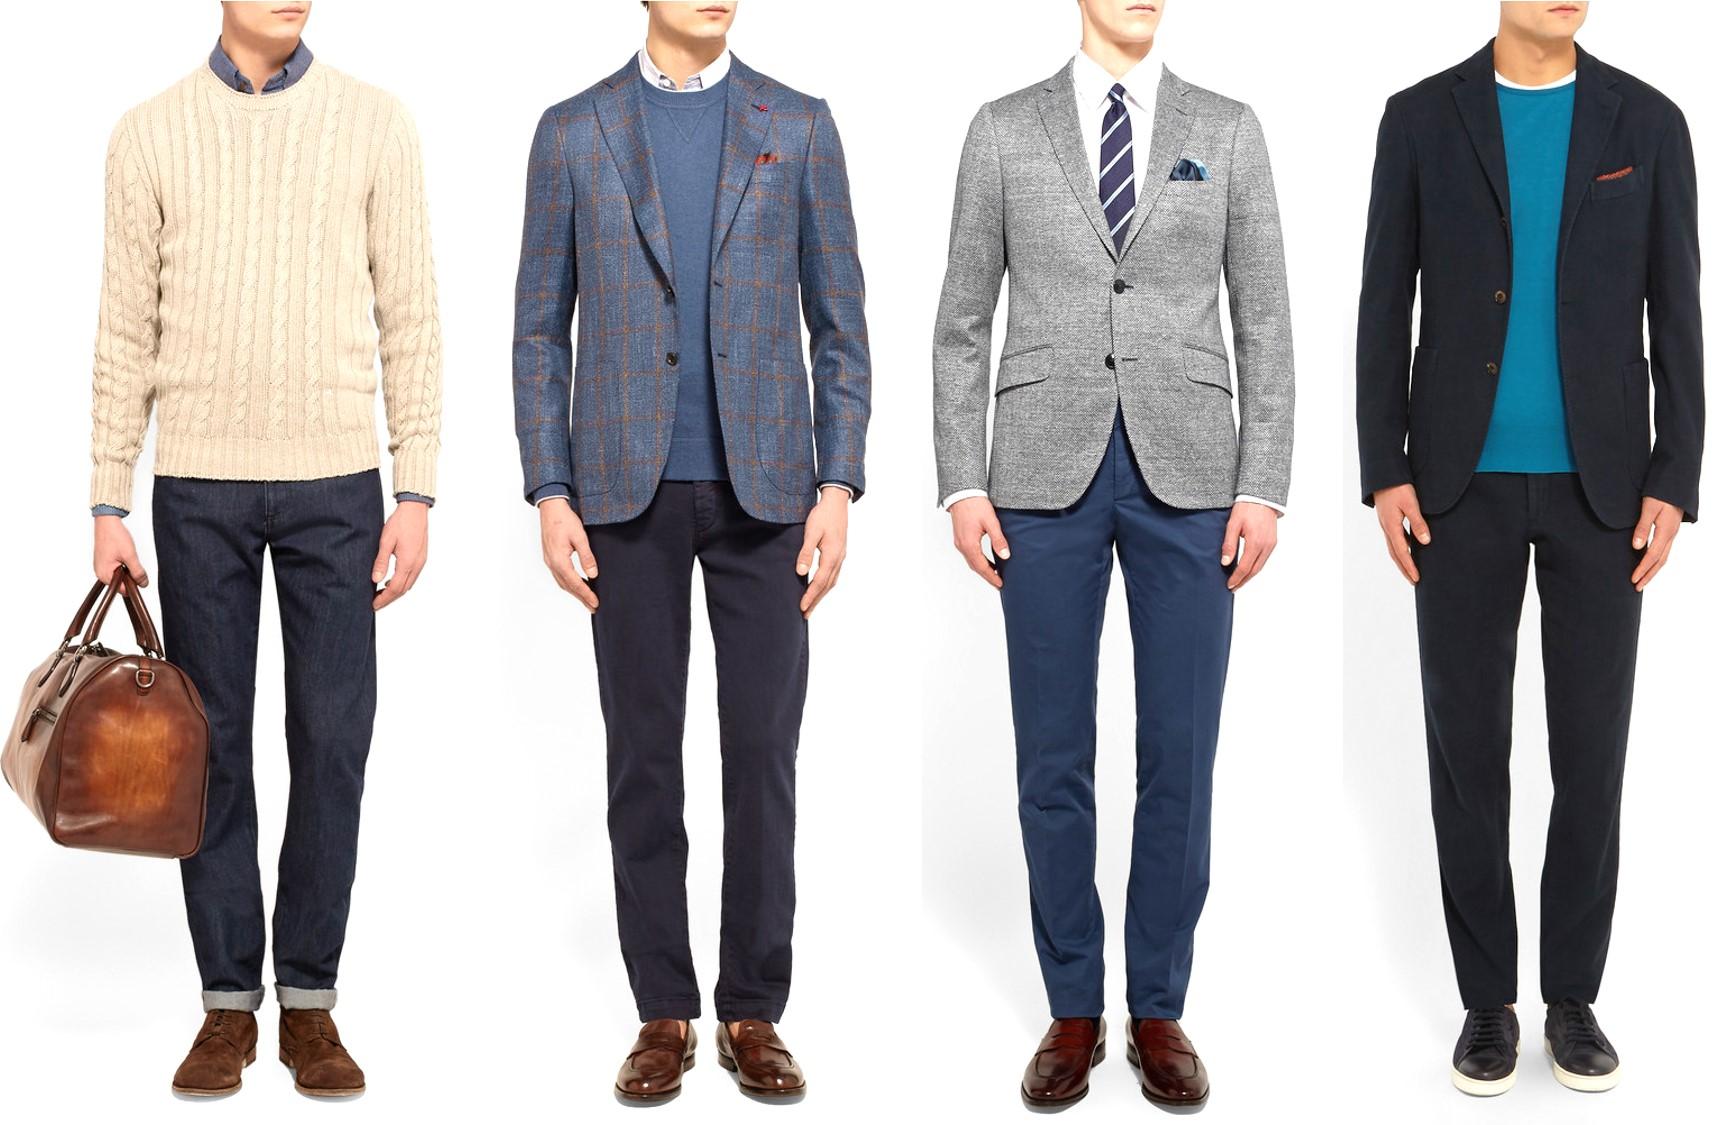 Abbigliamento Ufficio Uomo : Casual friday lo stile maschile per il venerdì in ufficio